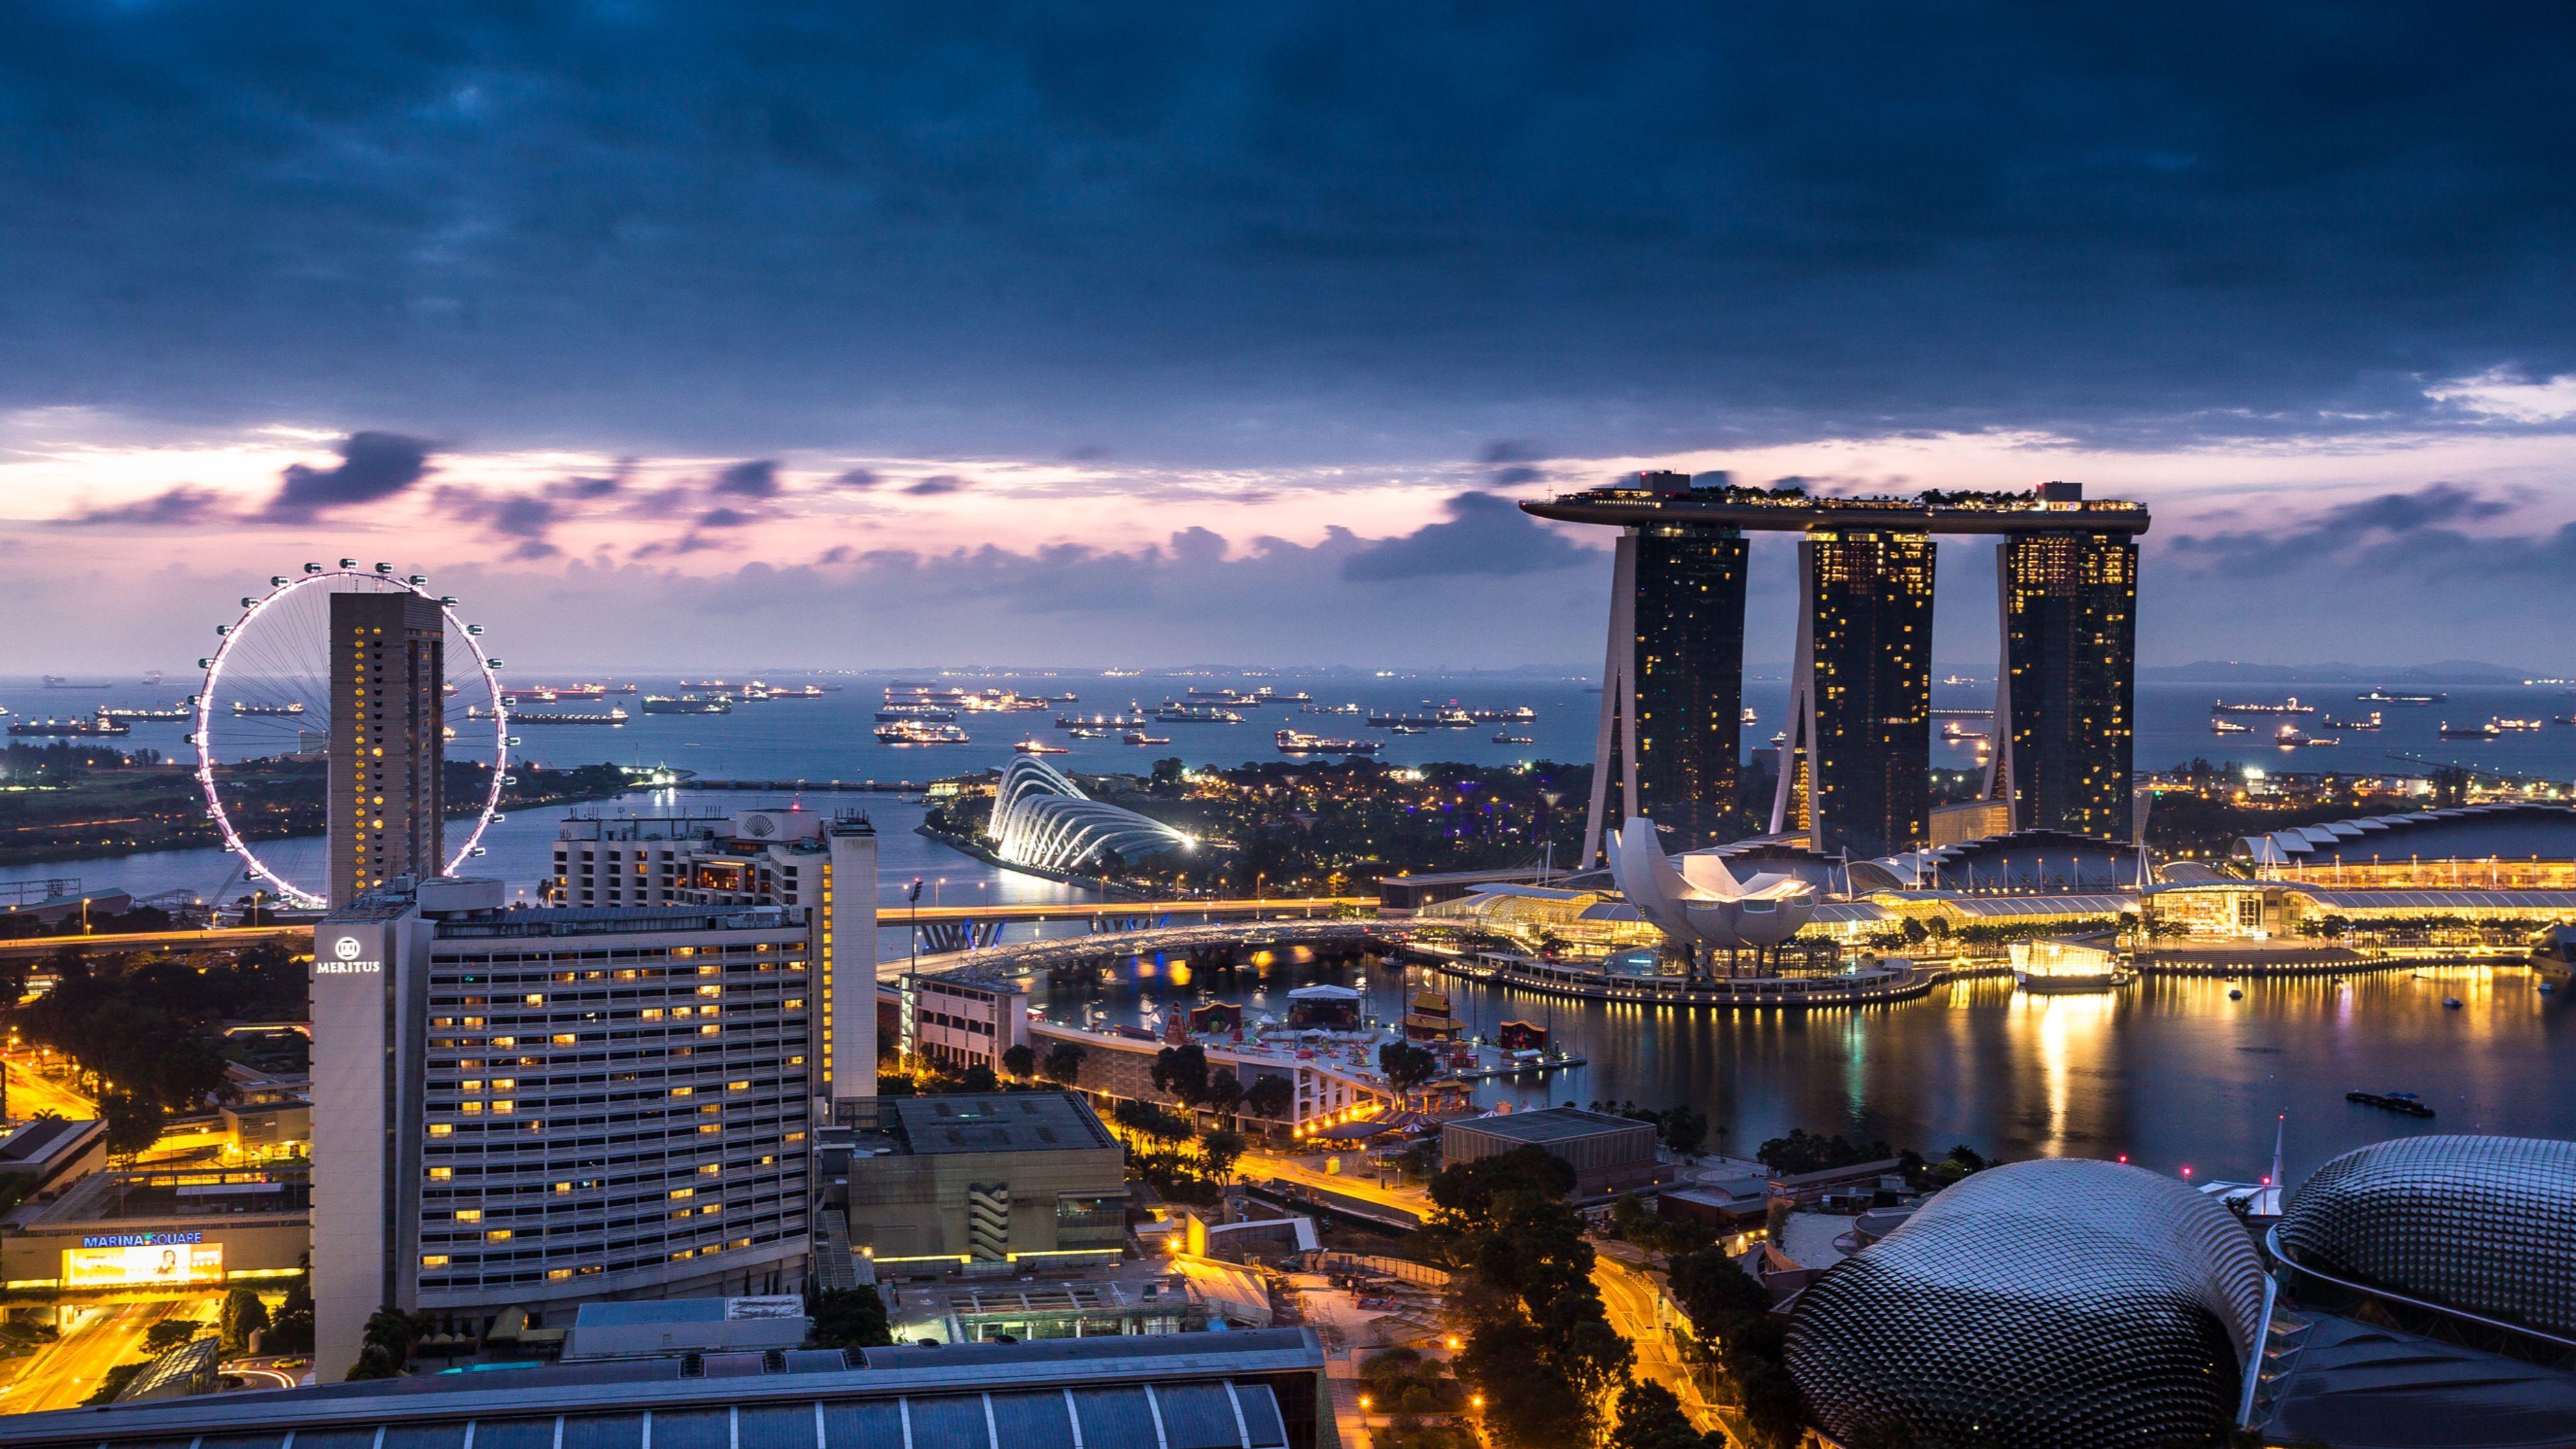 Kết quả hình ảnh cho singapore wallpaper 4k